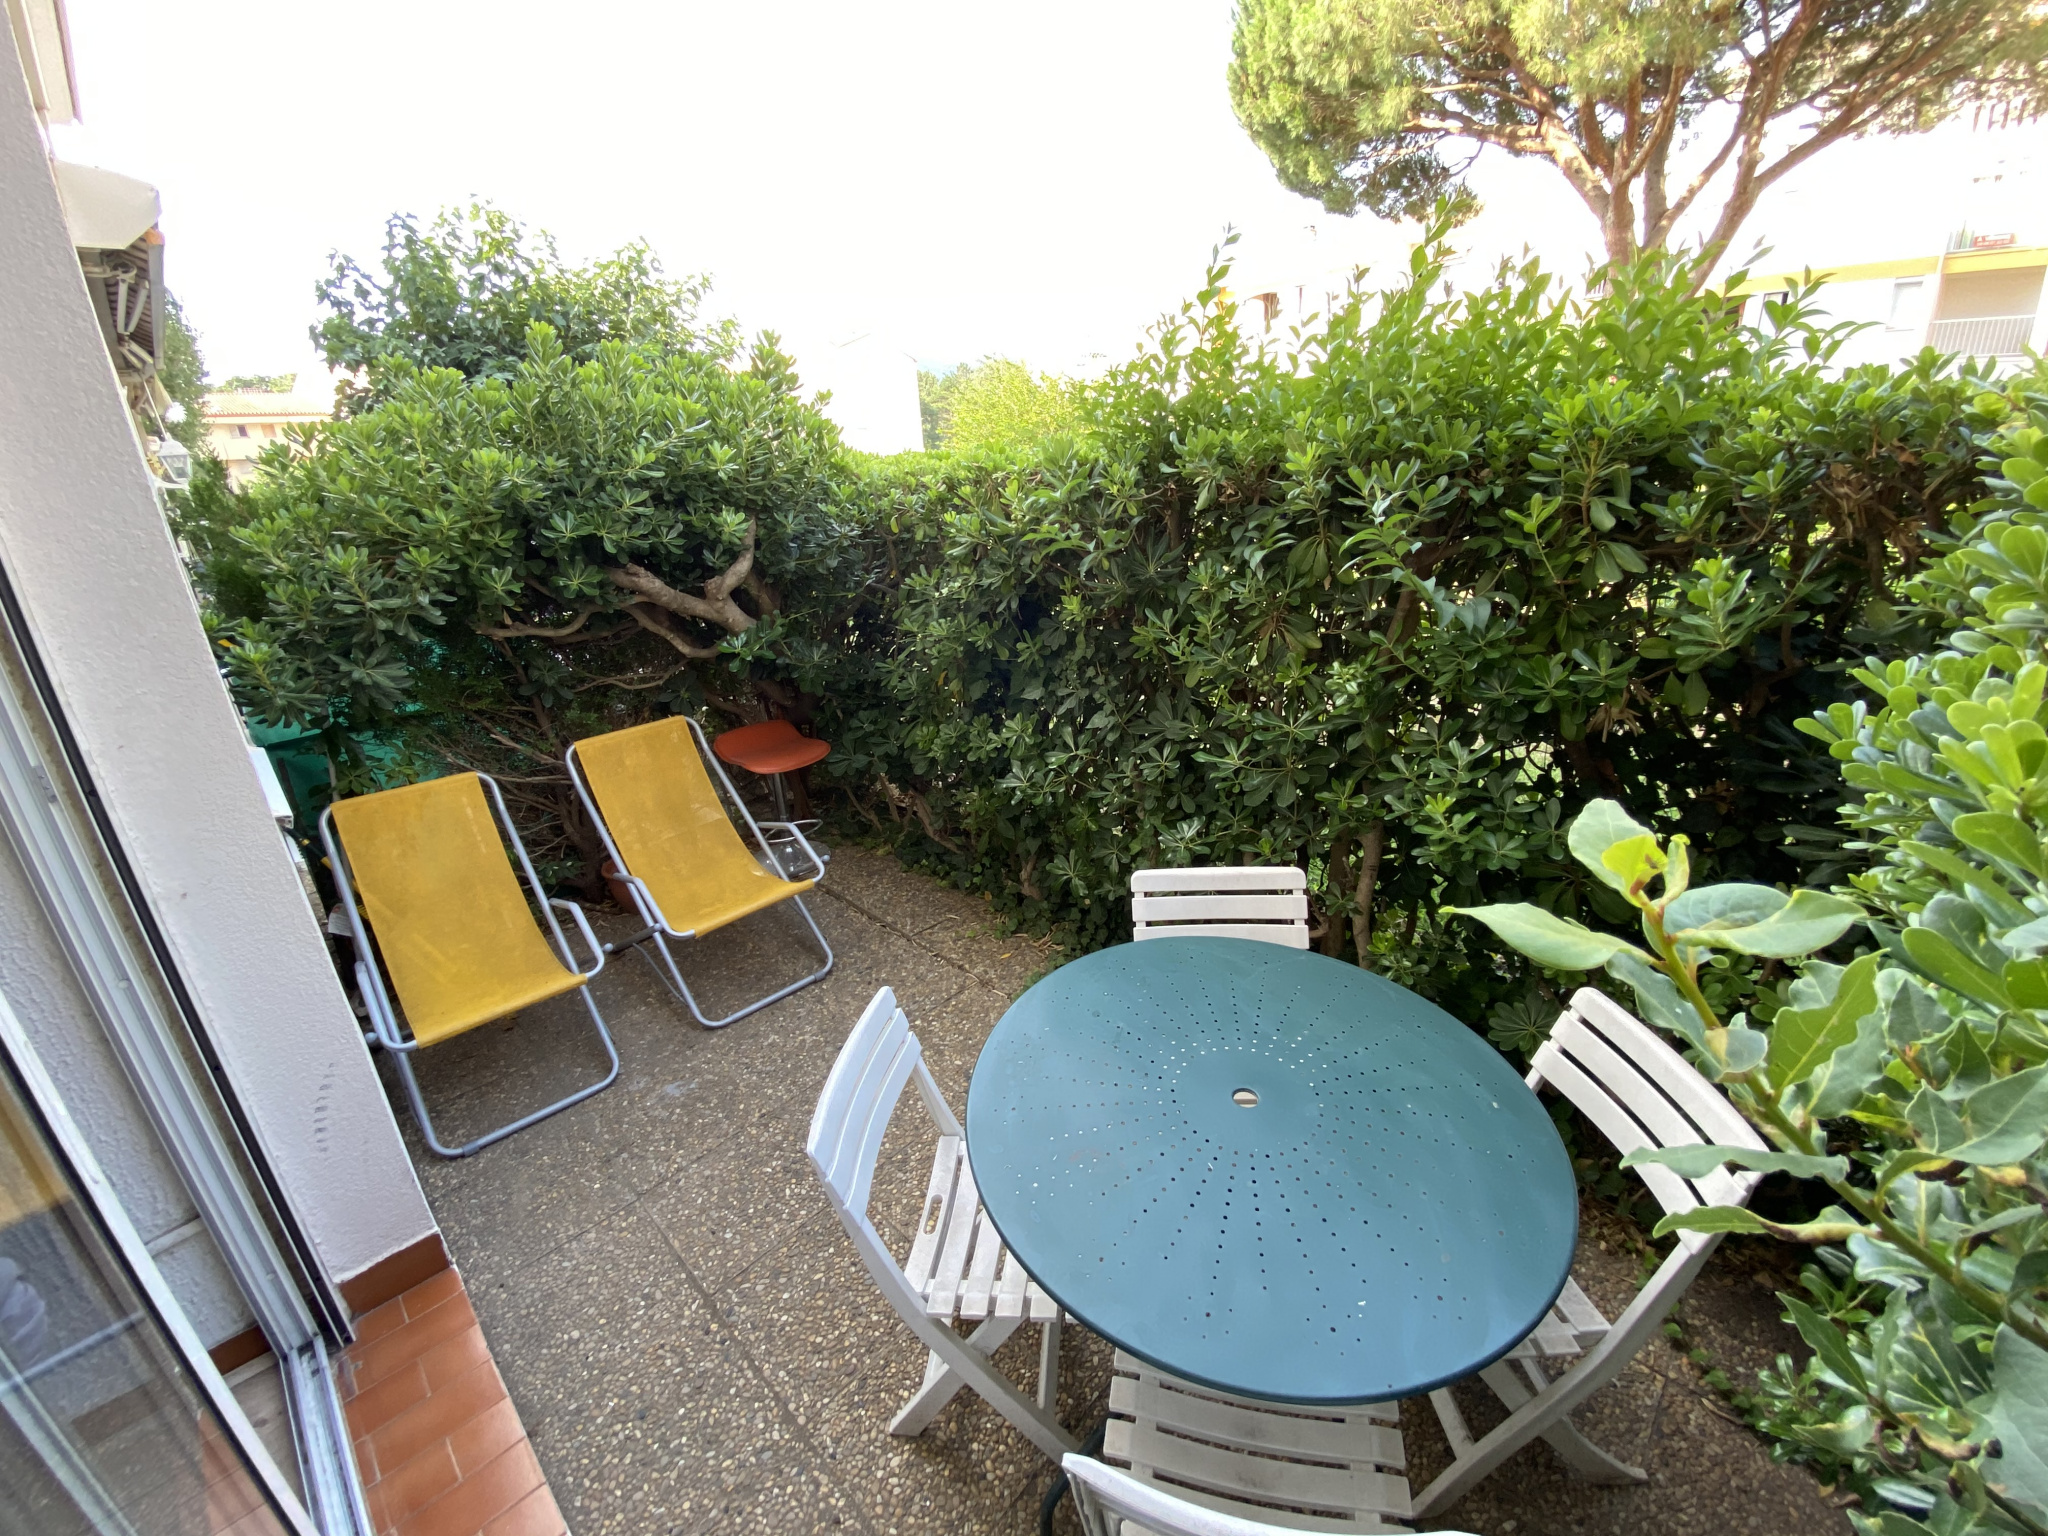 À vendre appartement de 28.45m2 à argeles sur mer (66700) - Photo 4'